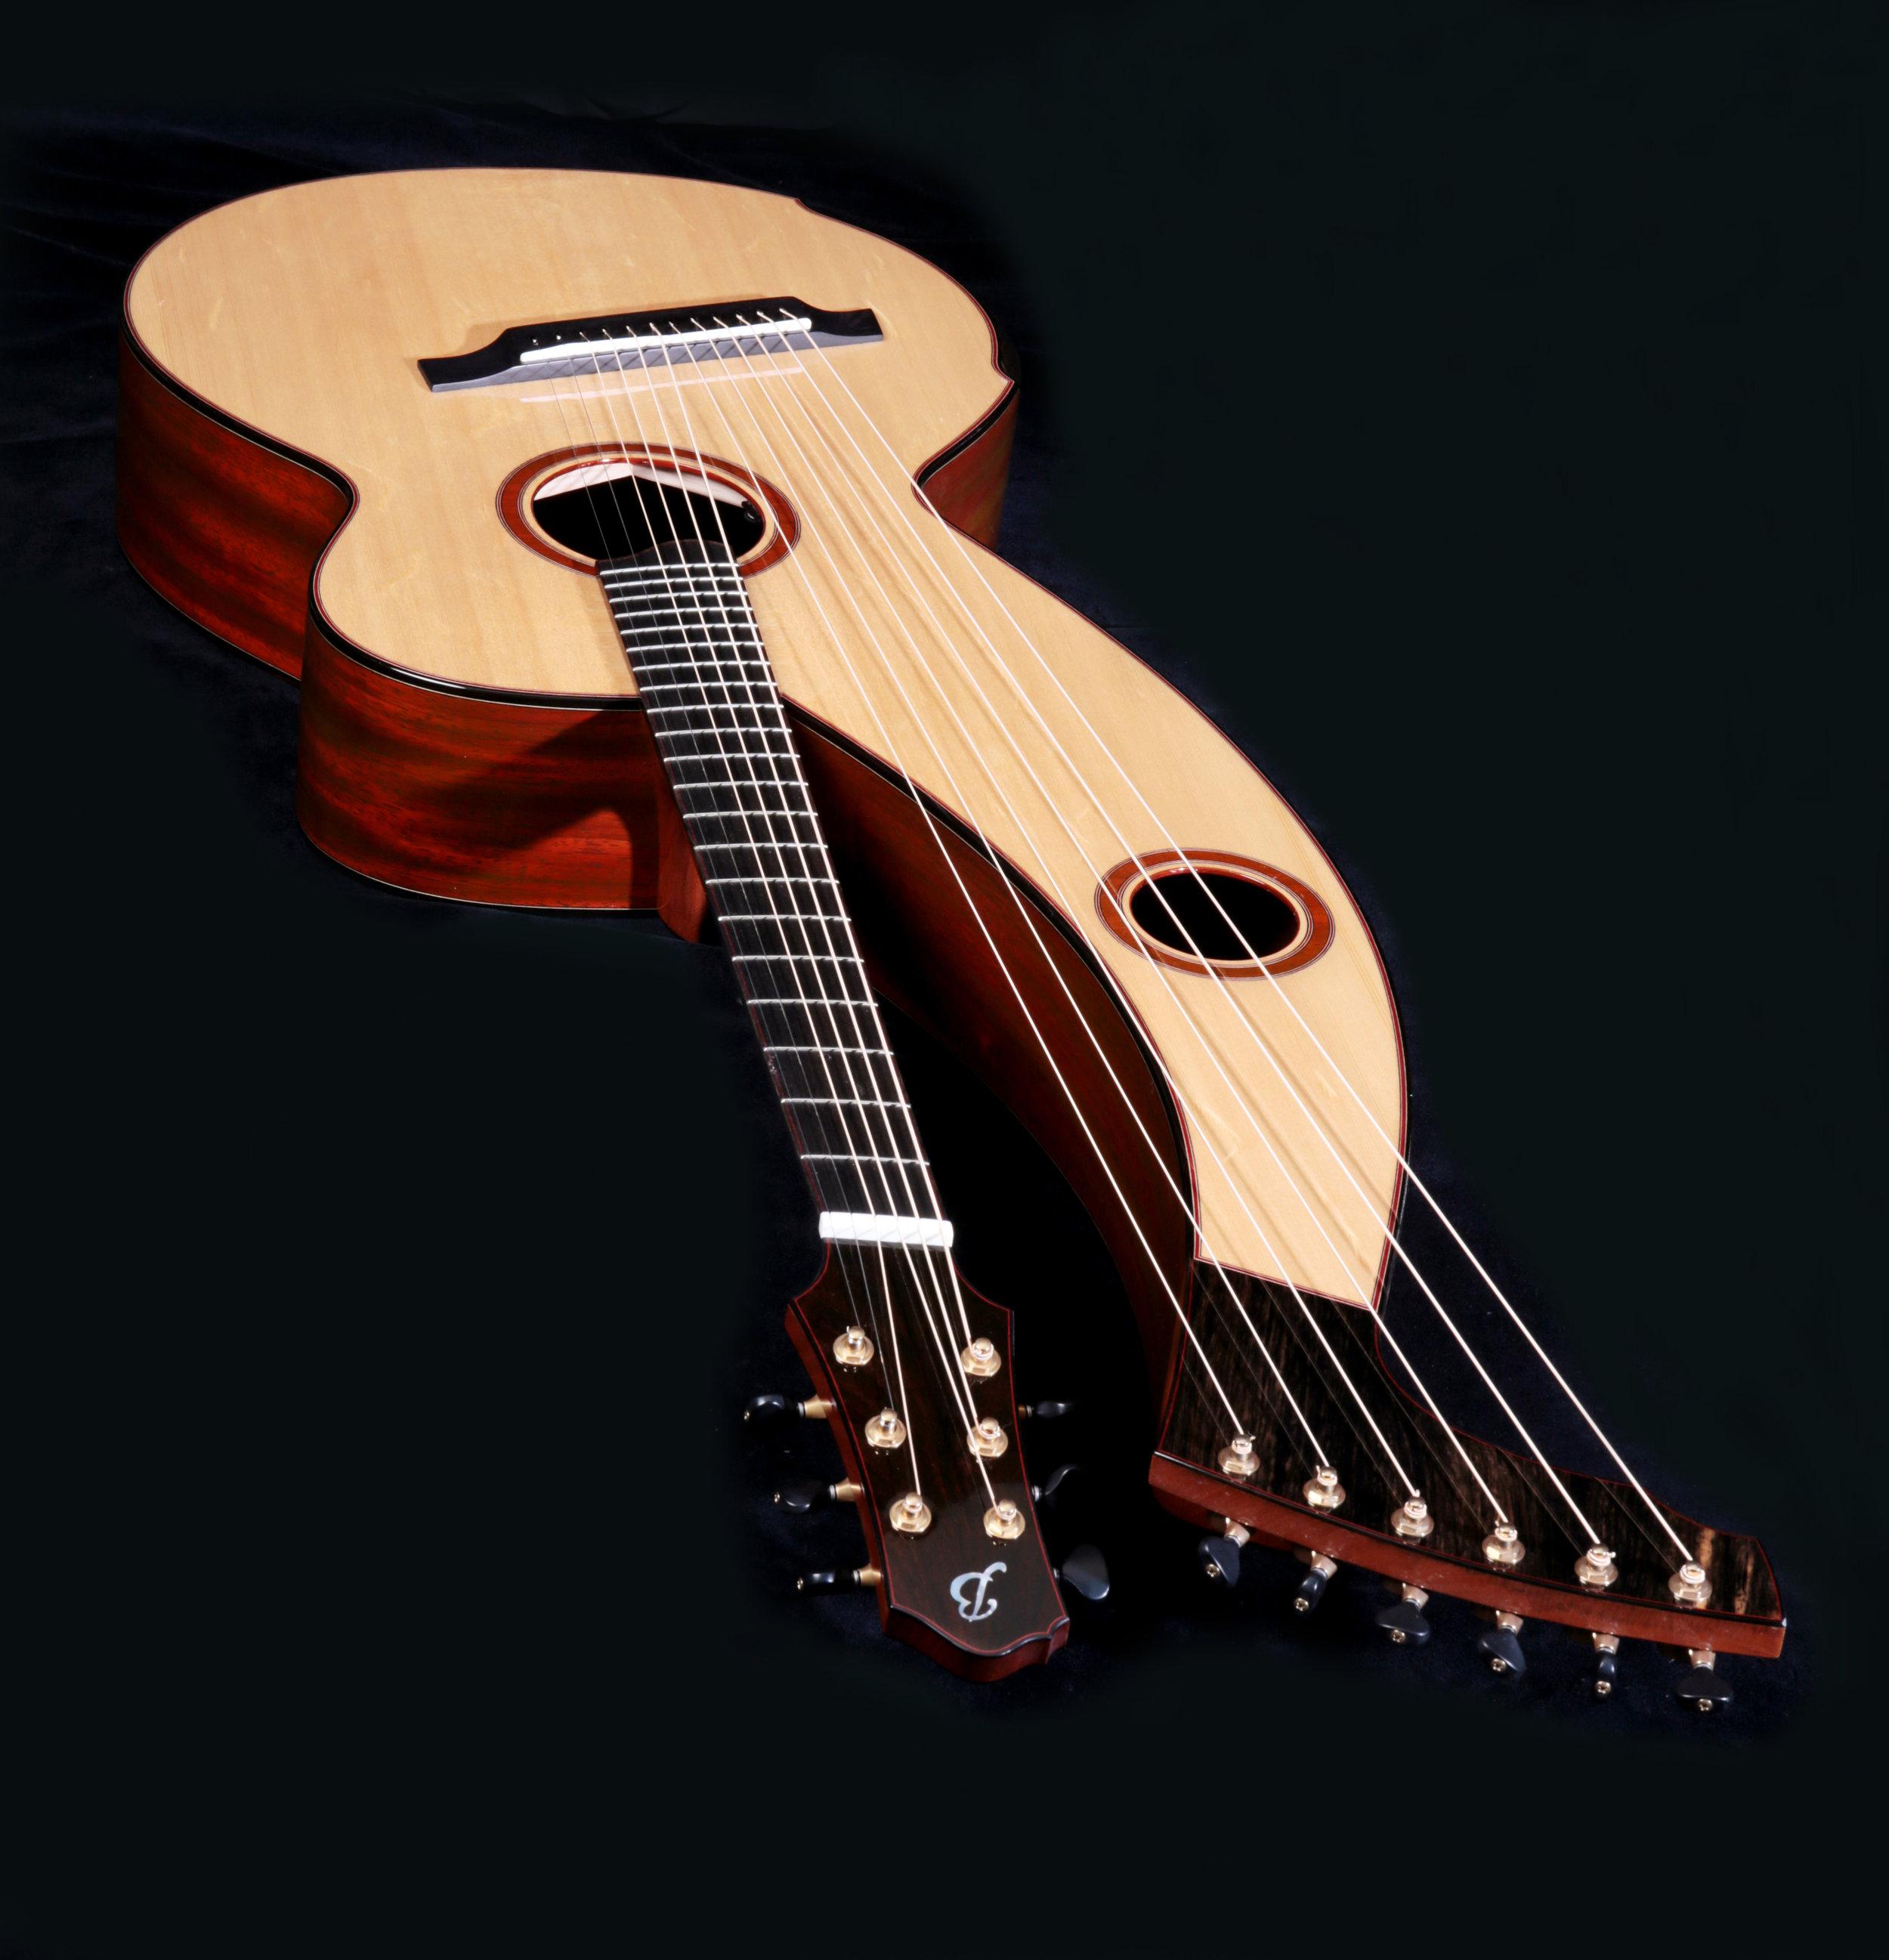 harp_8120p.jpg